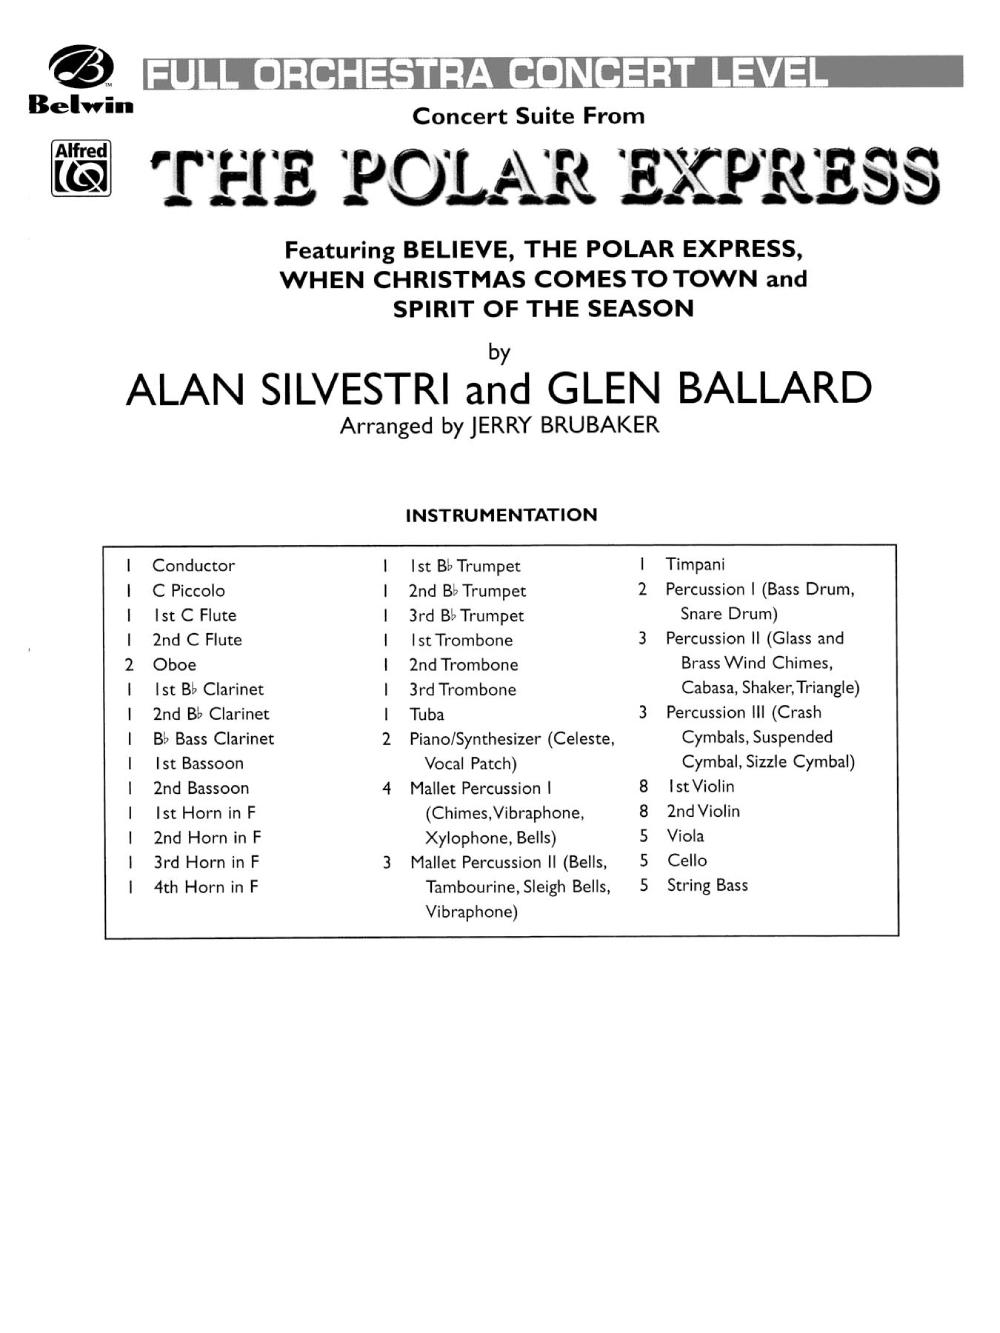 the polar express thumbnail the polar express thumbnail - Polar Express When Christmas Comes To Town Lyrics